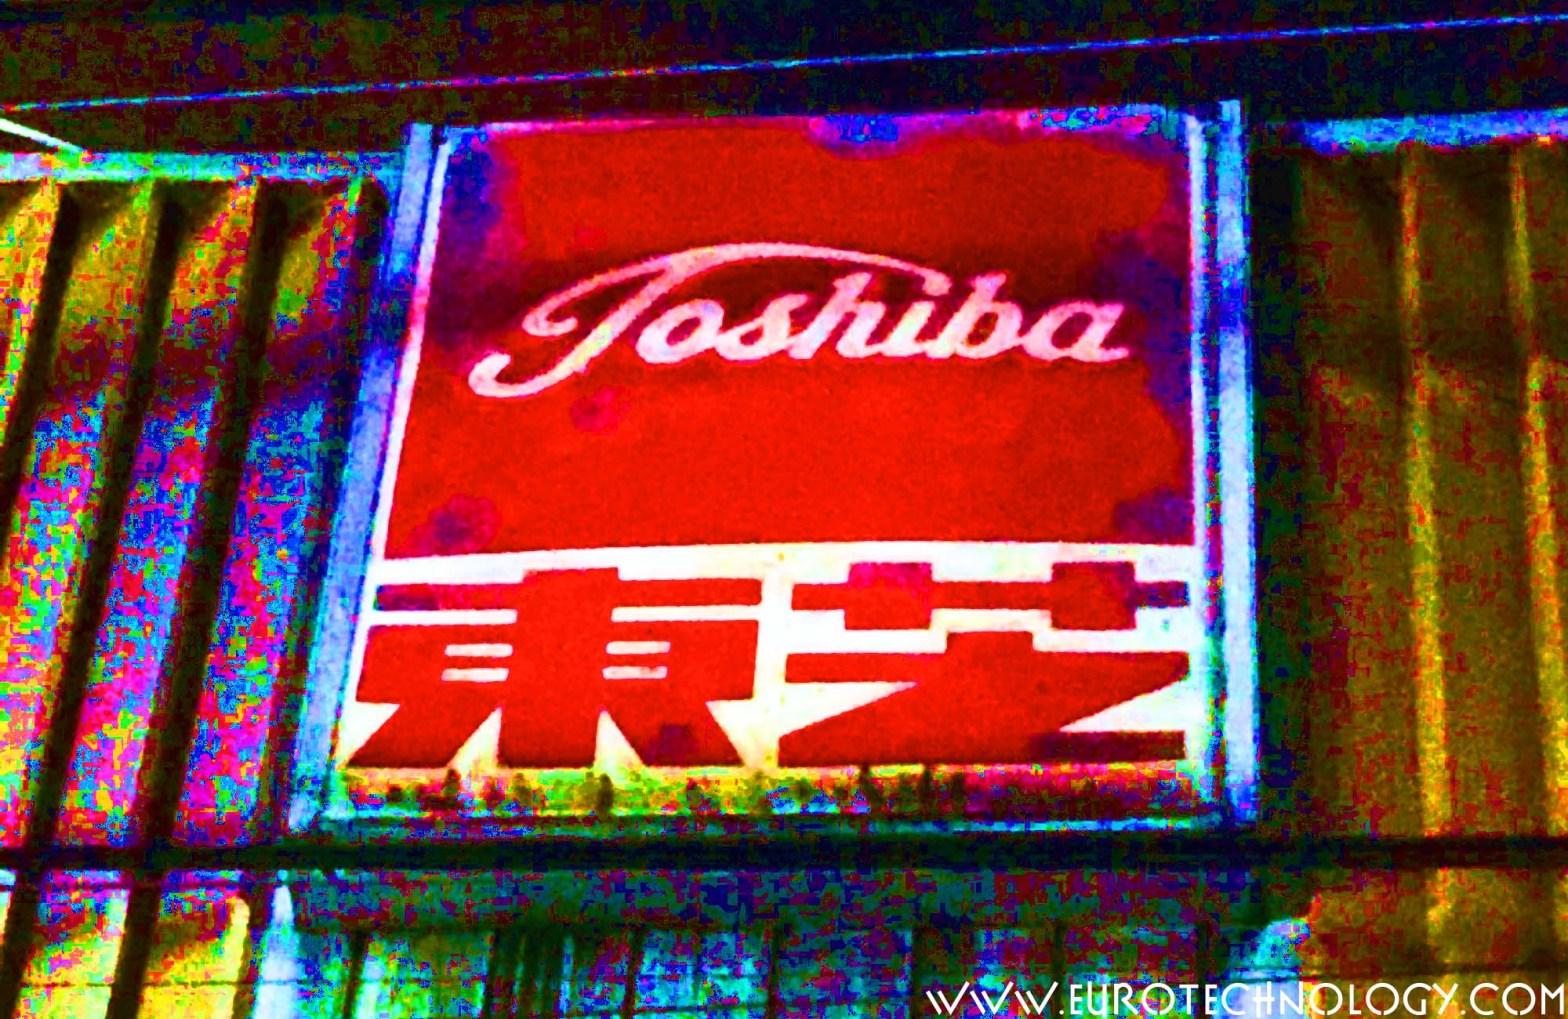 Toshiba crisis